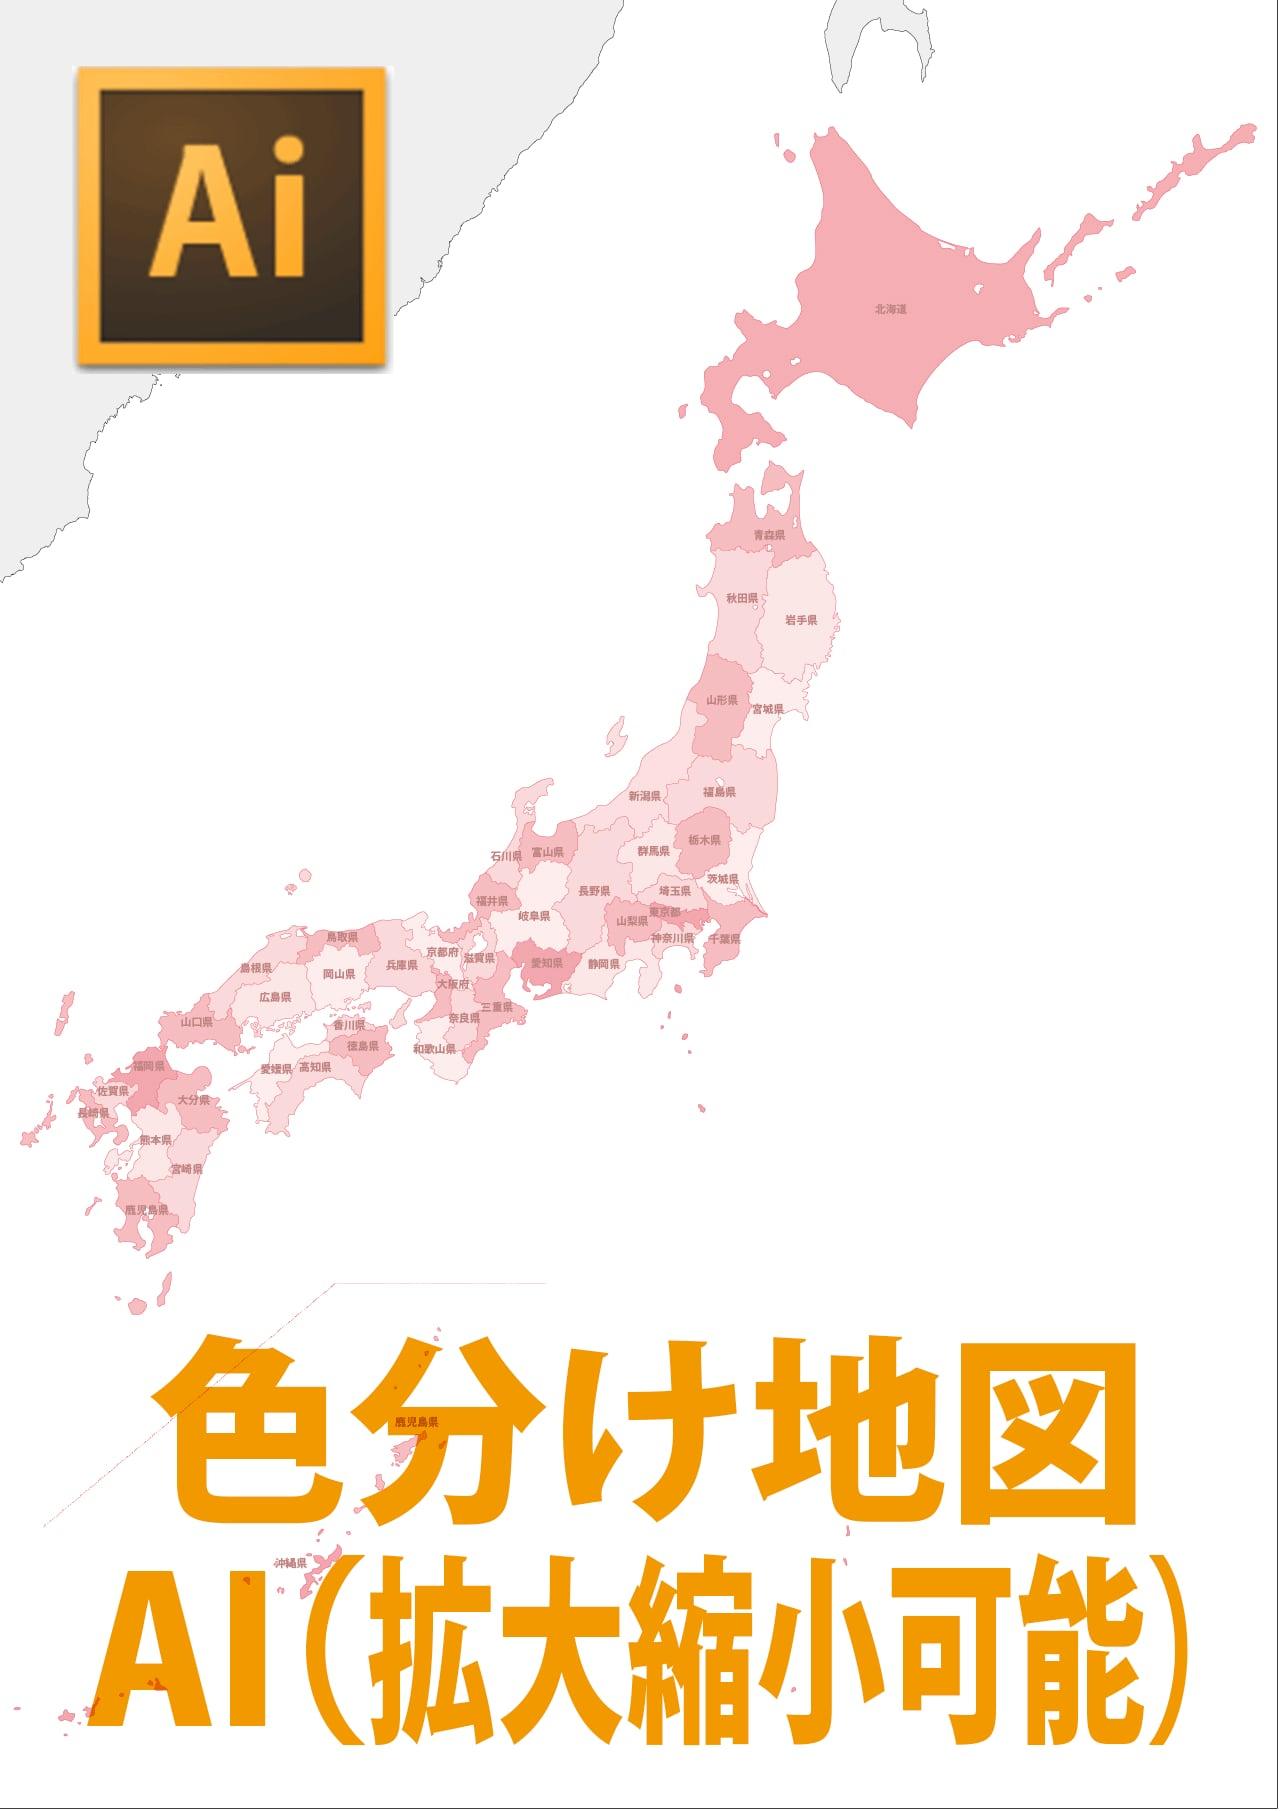 日本地図《色分け地図》(AIベクター)